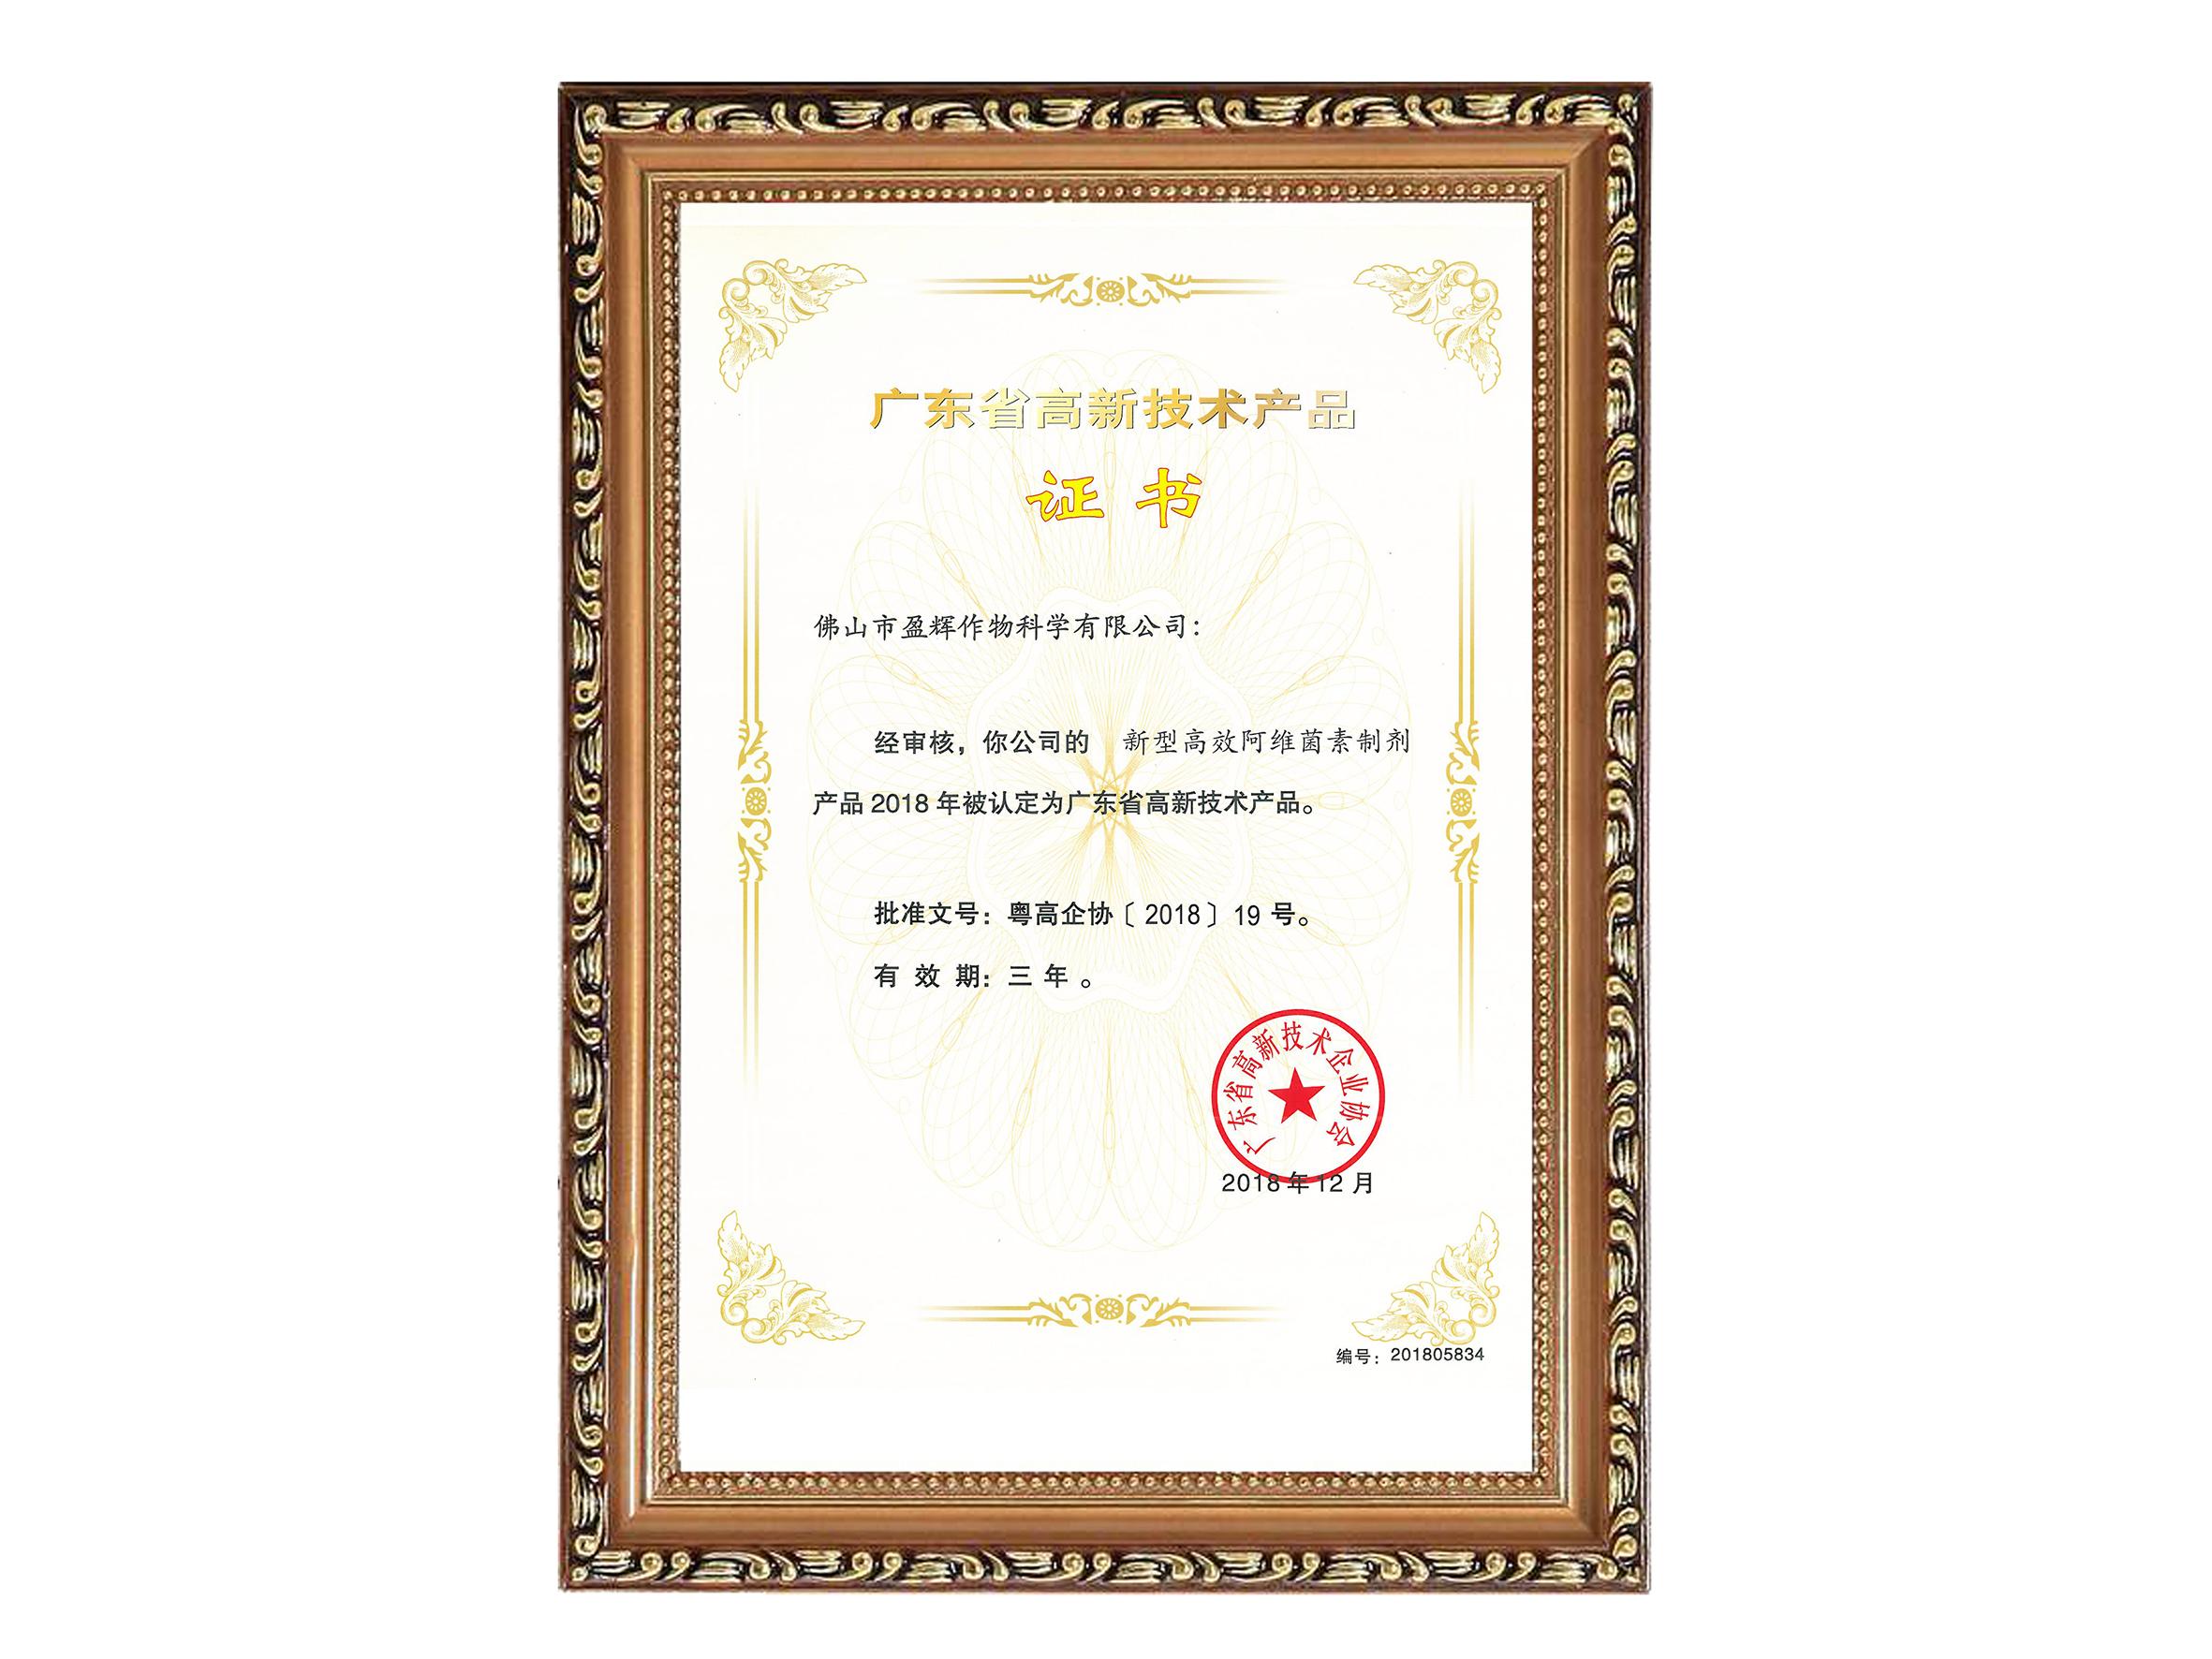 新型高效阿维菌素制剂-广东省高新技术产品(高企申报用)2018